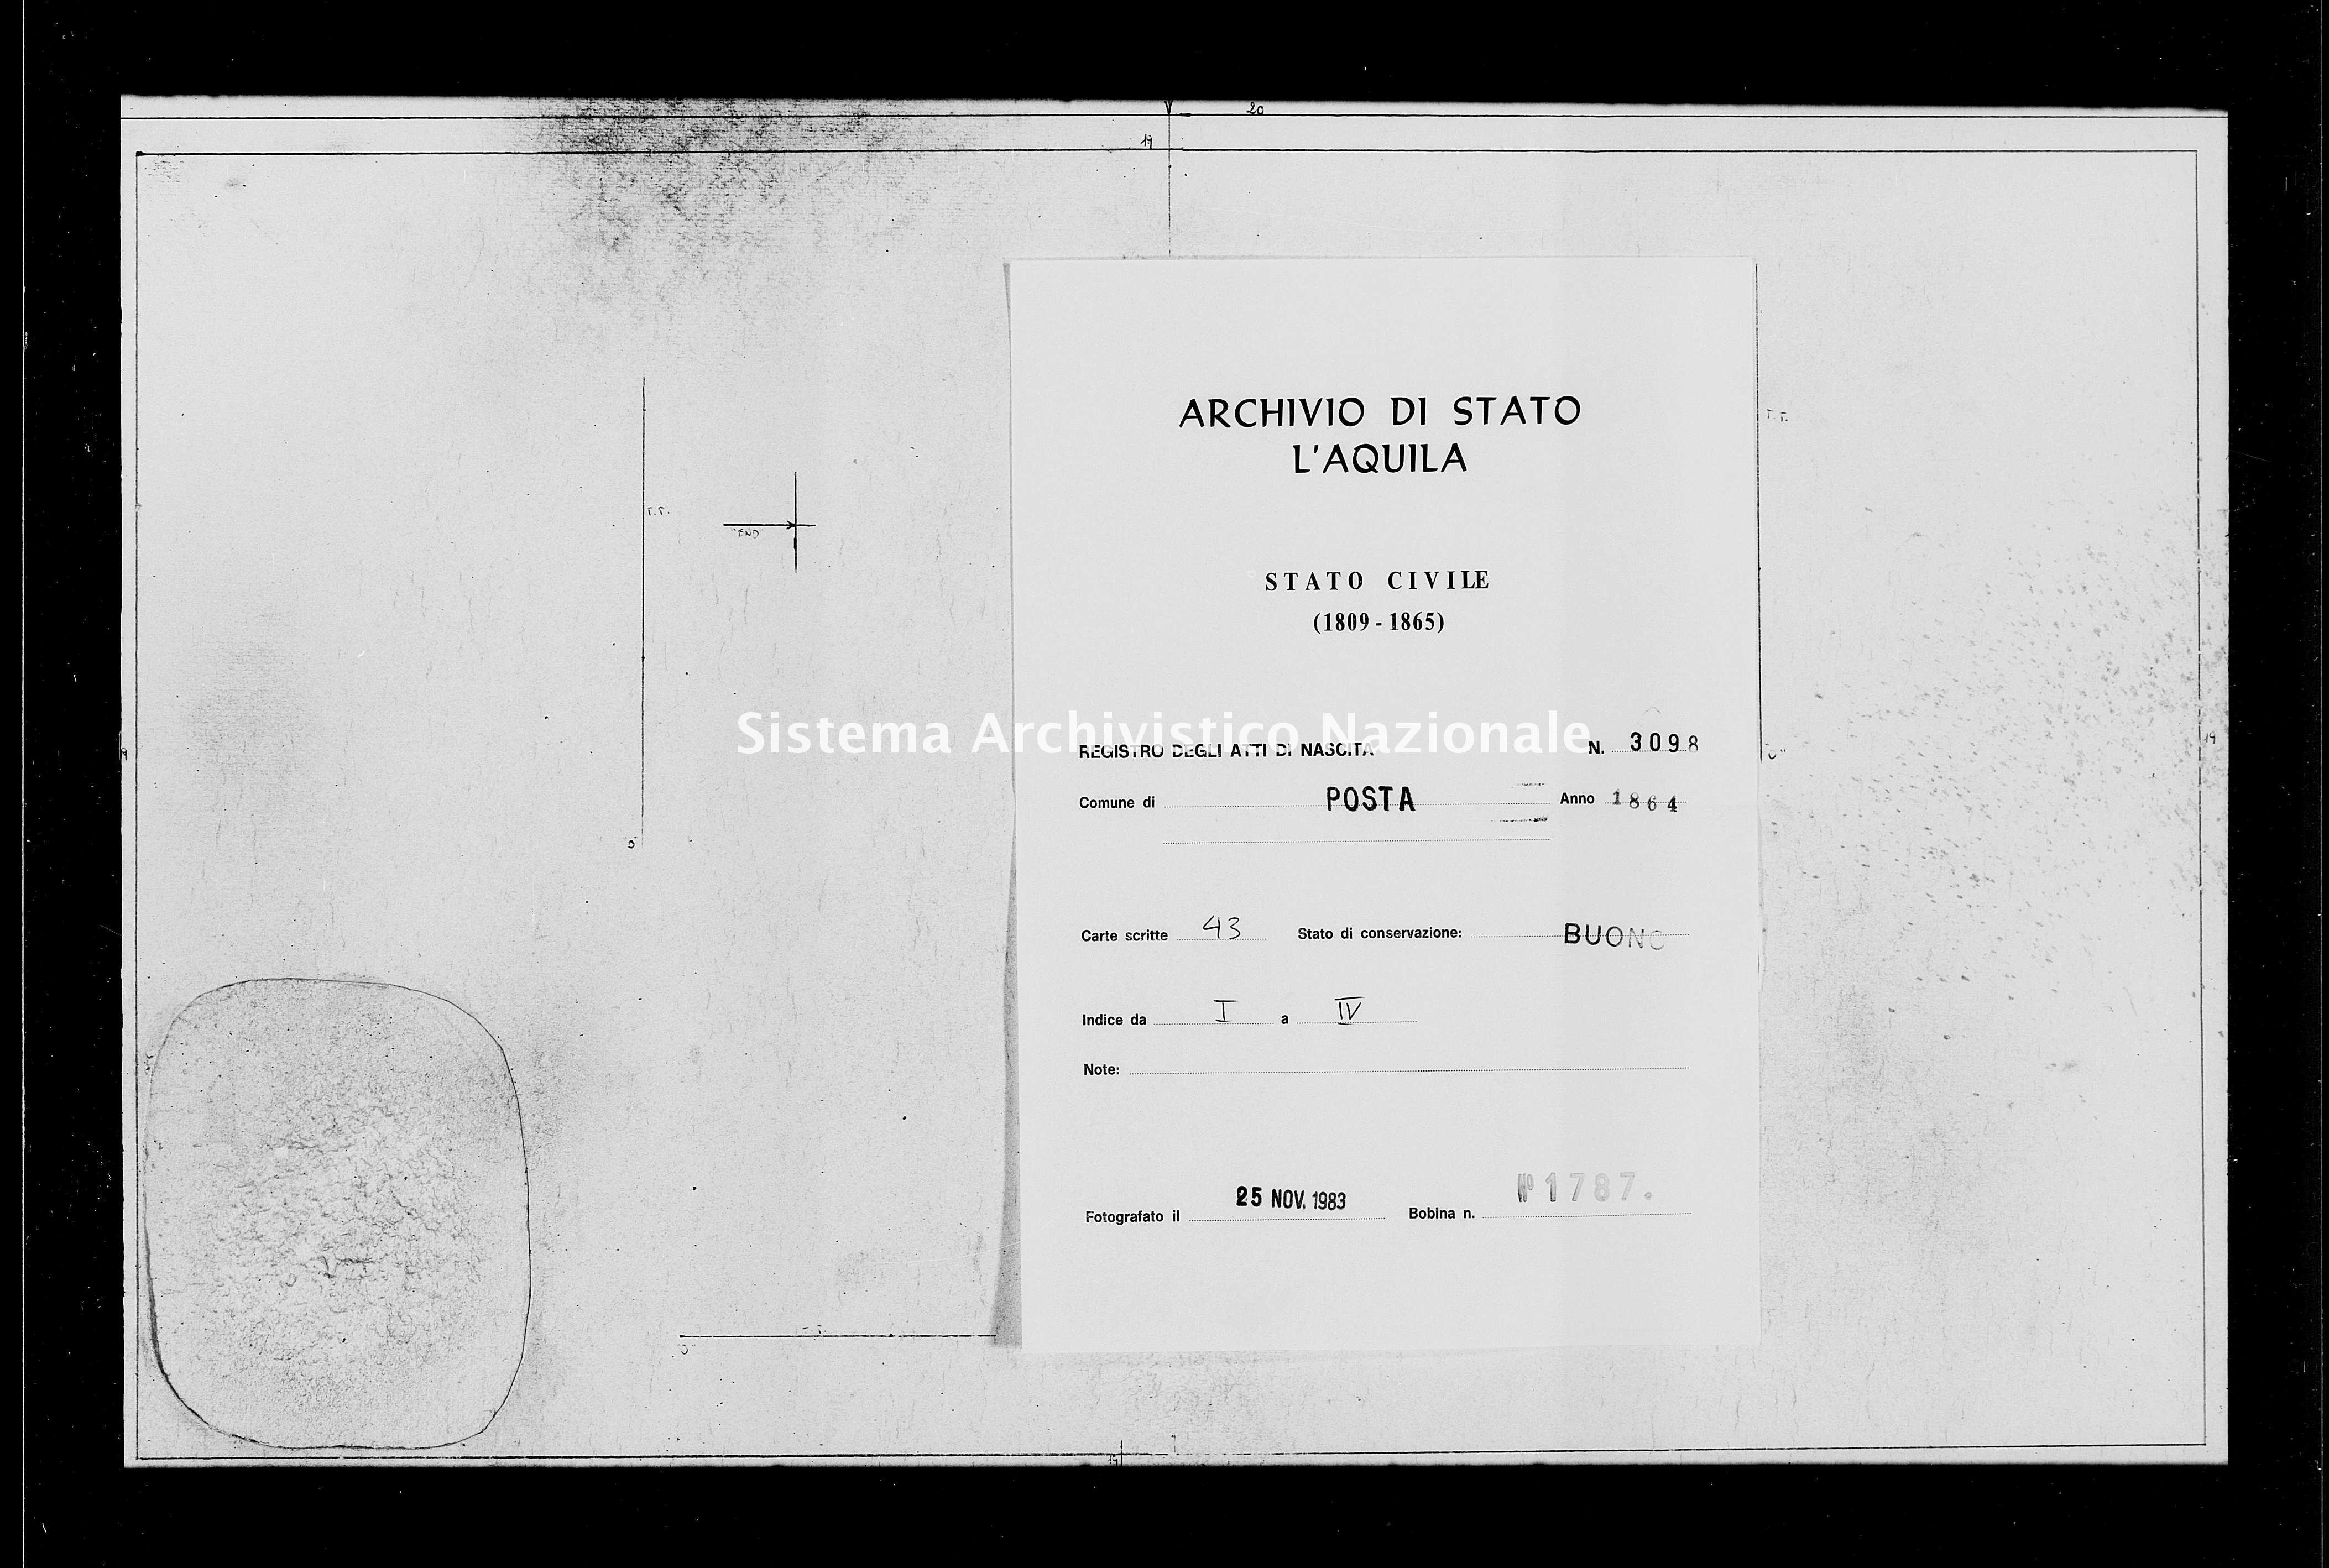 Archivio di stato di L'aquila - Stato civile italiano - Posta - Nati - 1864 - 3098 -